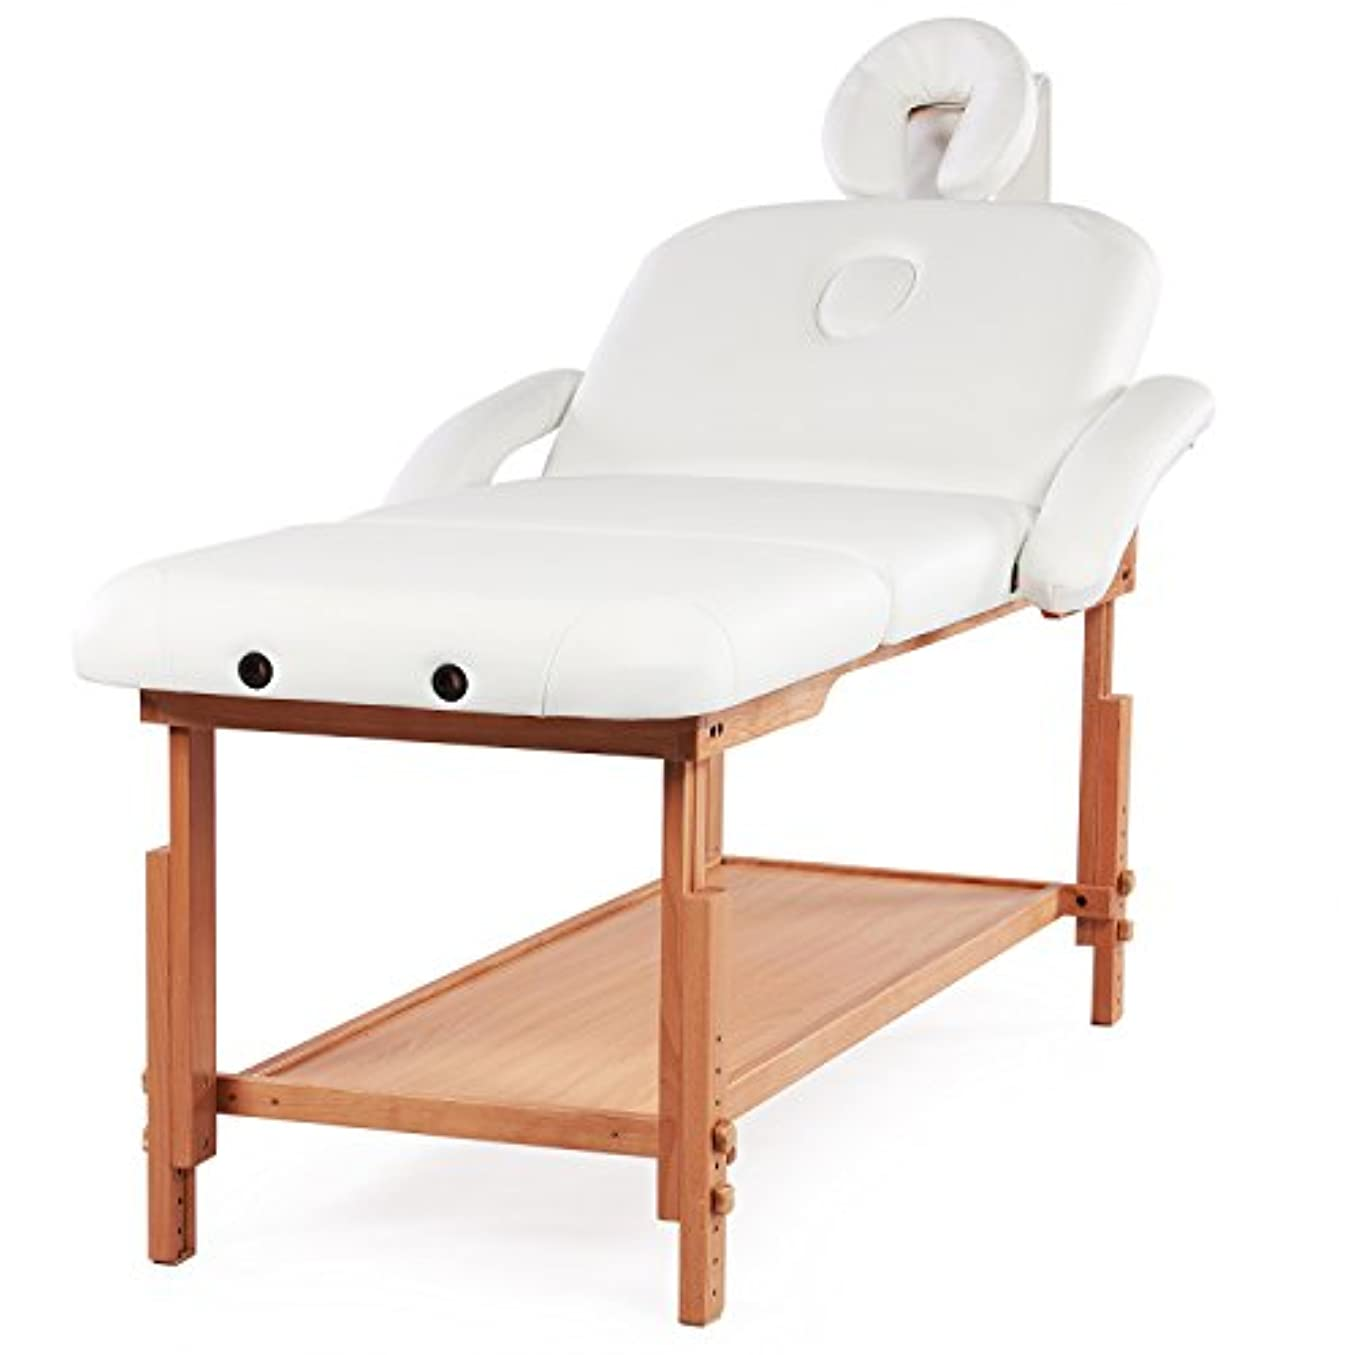 ミリメートル建物乳剤HEALTH LinE MASSAGE PRODUCTS ストレージ3セクションと固定調整可能なマッサージテーブルベッドプロ傾きMAXLOAD500lbs ×ラージ ホワイト